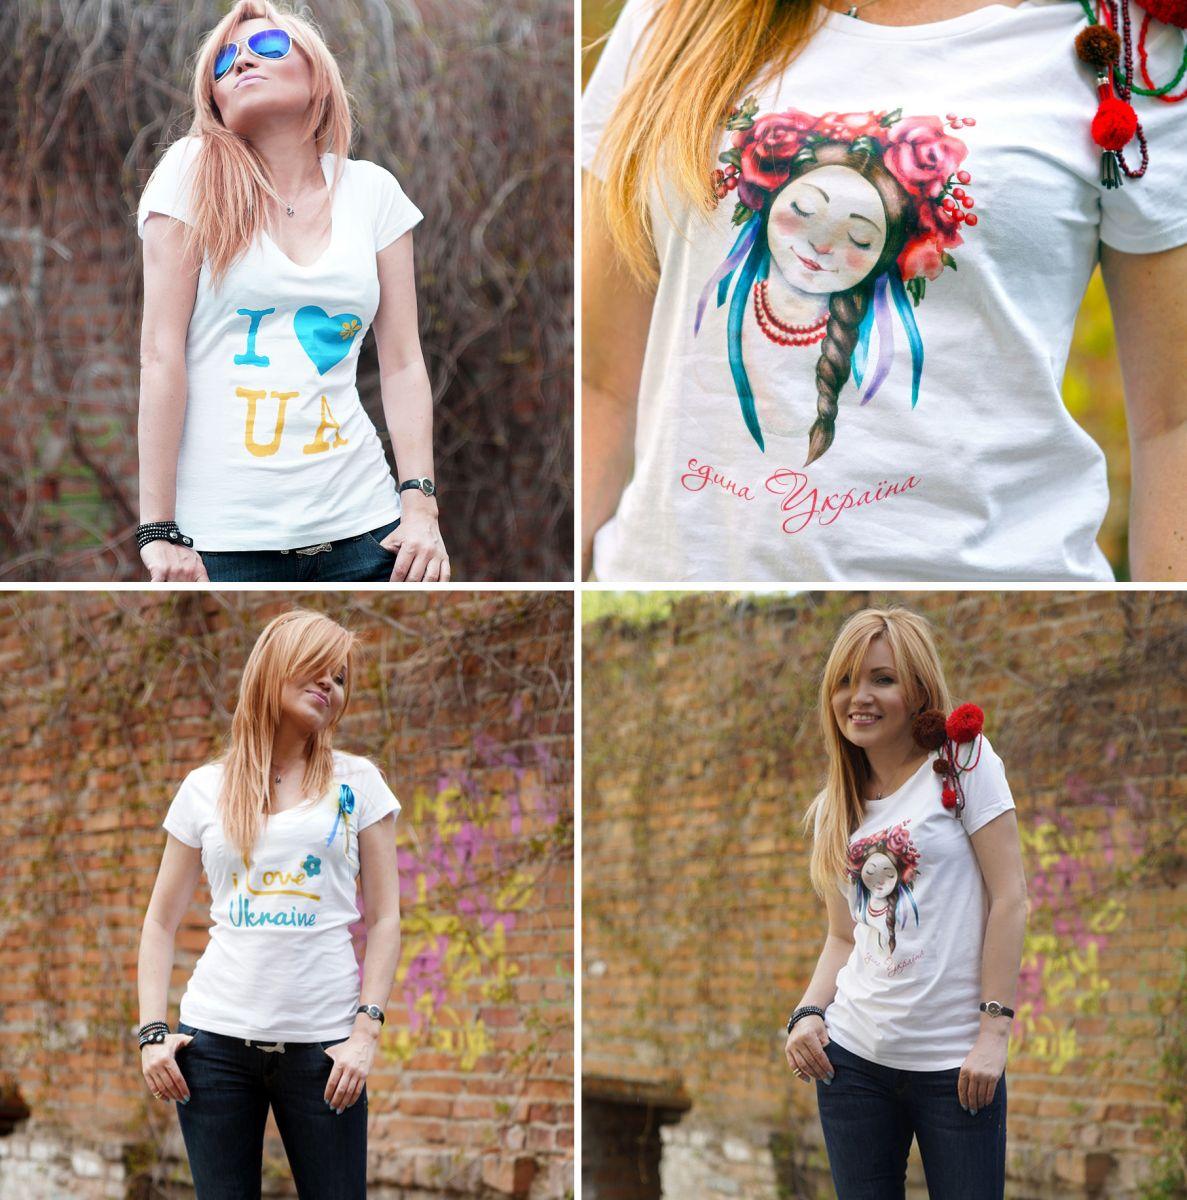 Lilu Интернет Магазин Женской Одежды Доставка